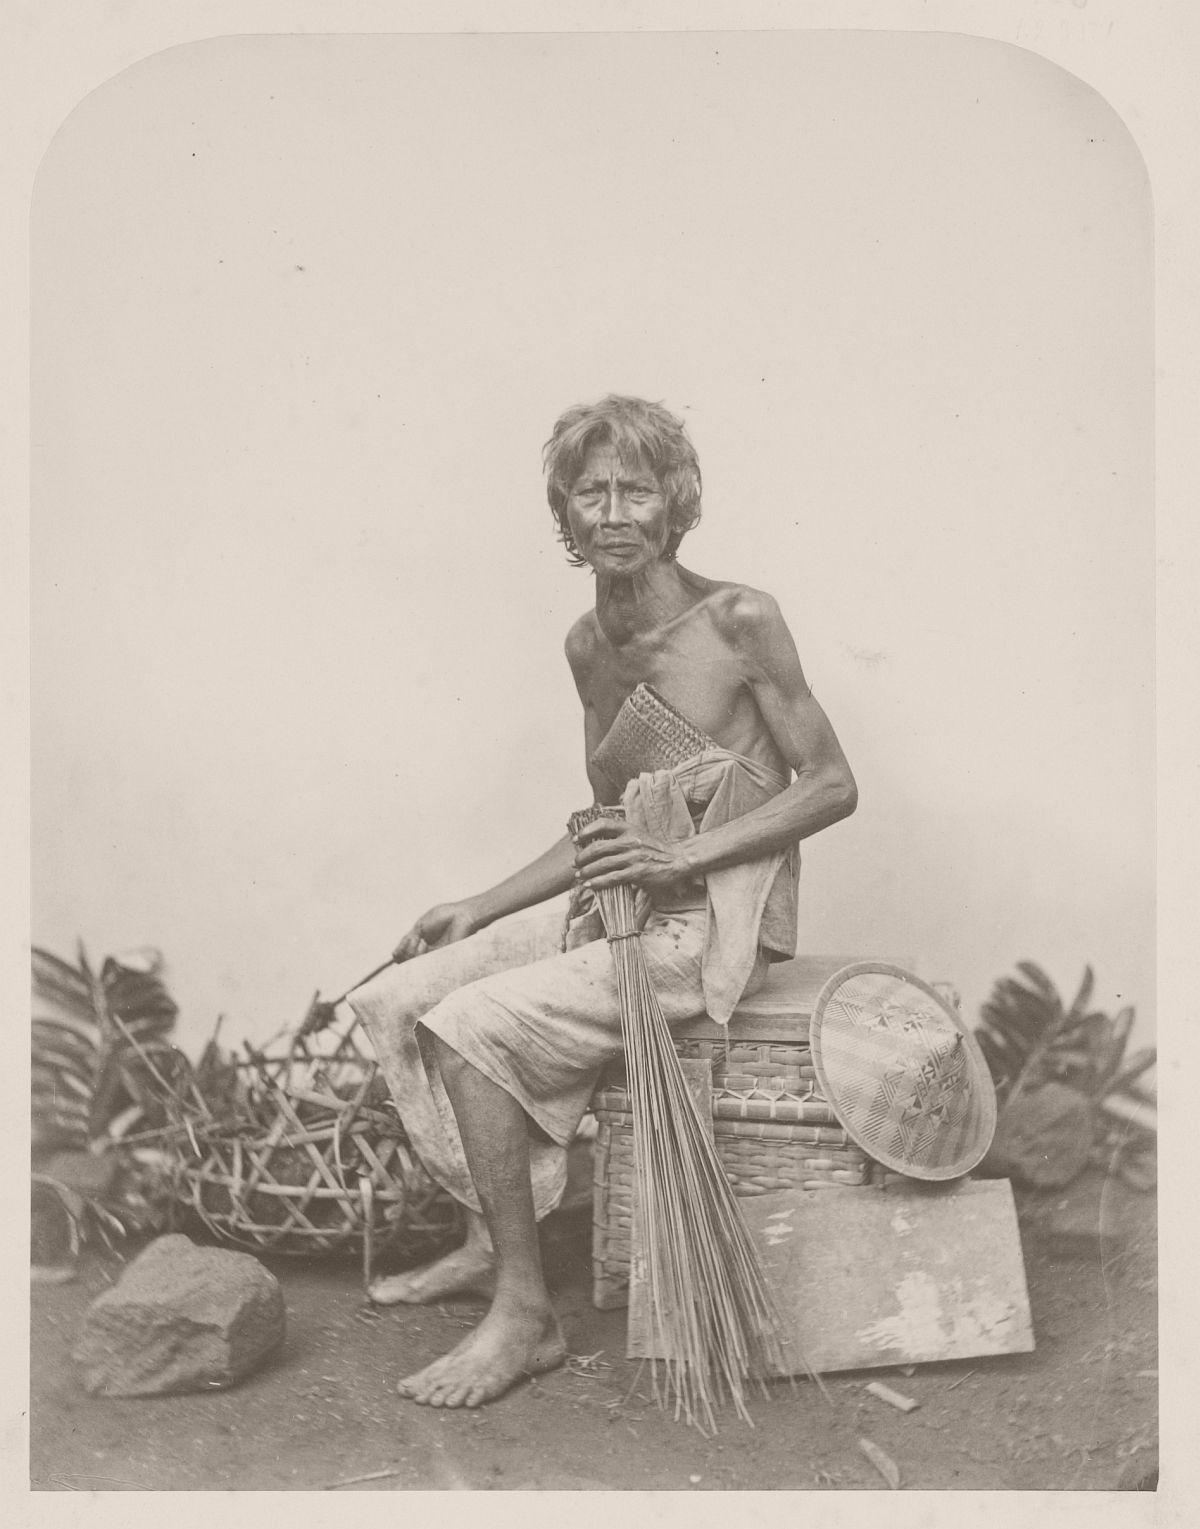 Buleleng serf (sepangan), 1865.